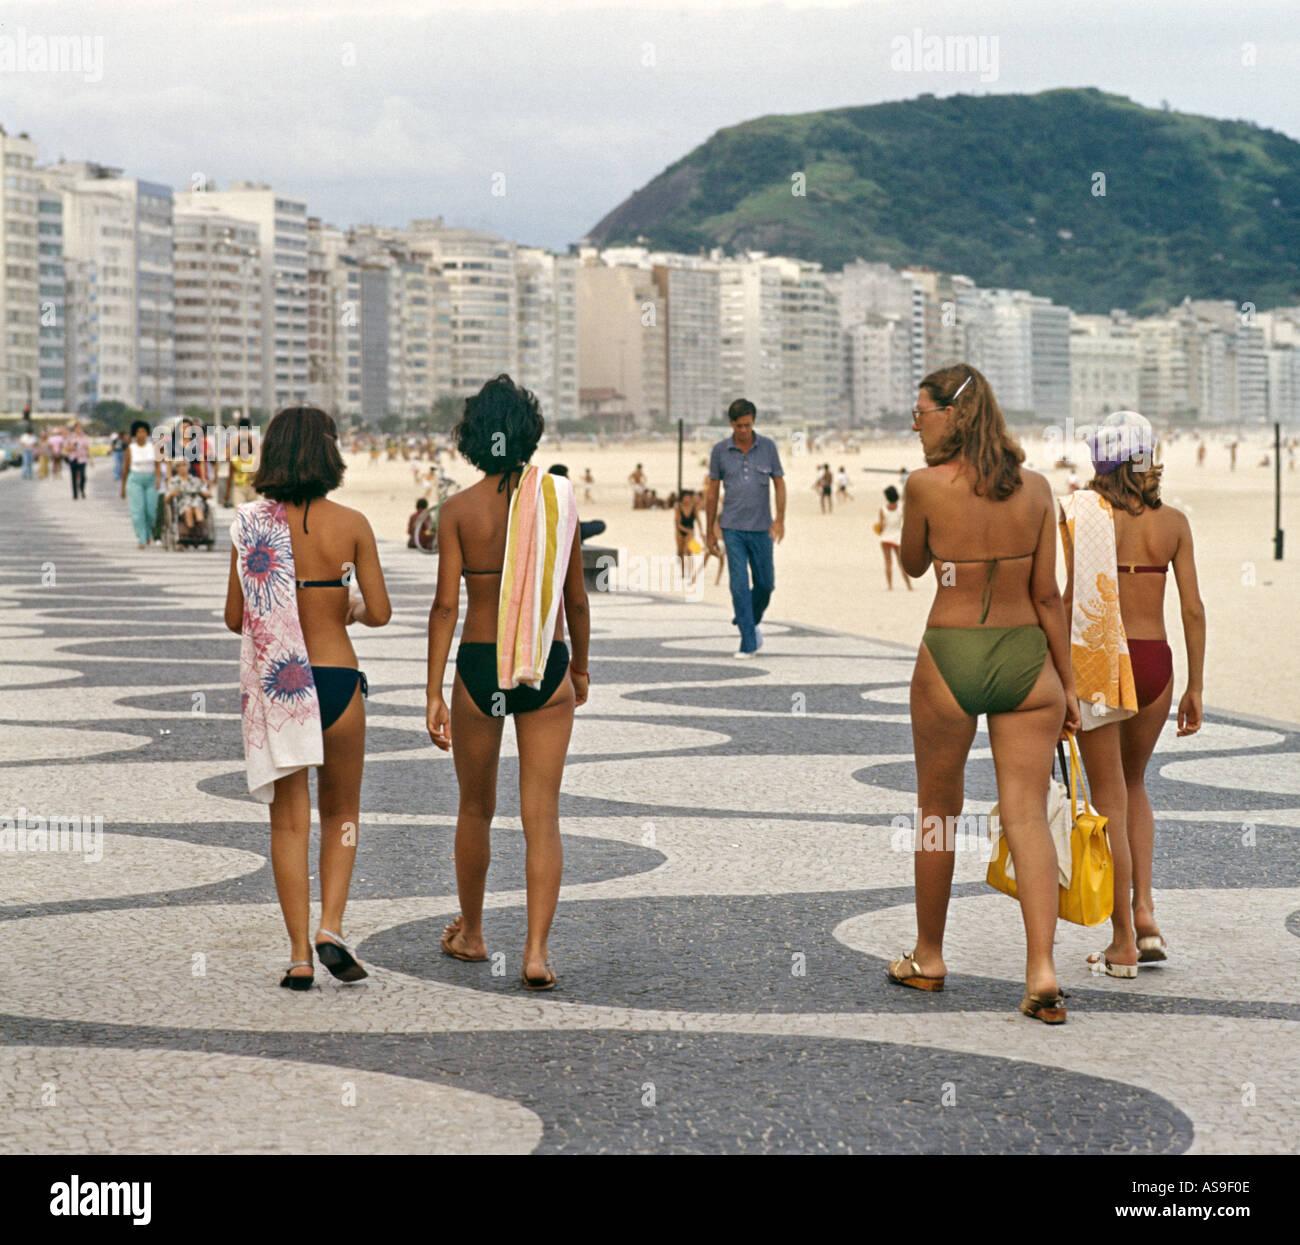 Nackter Rio de Janeiro